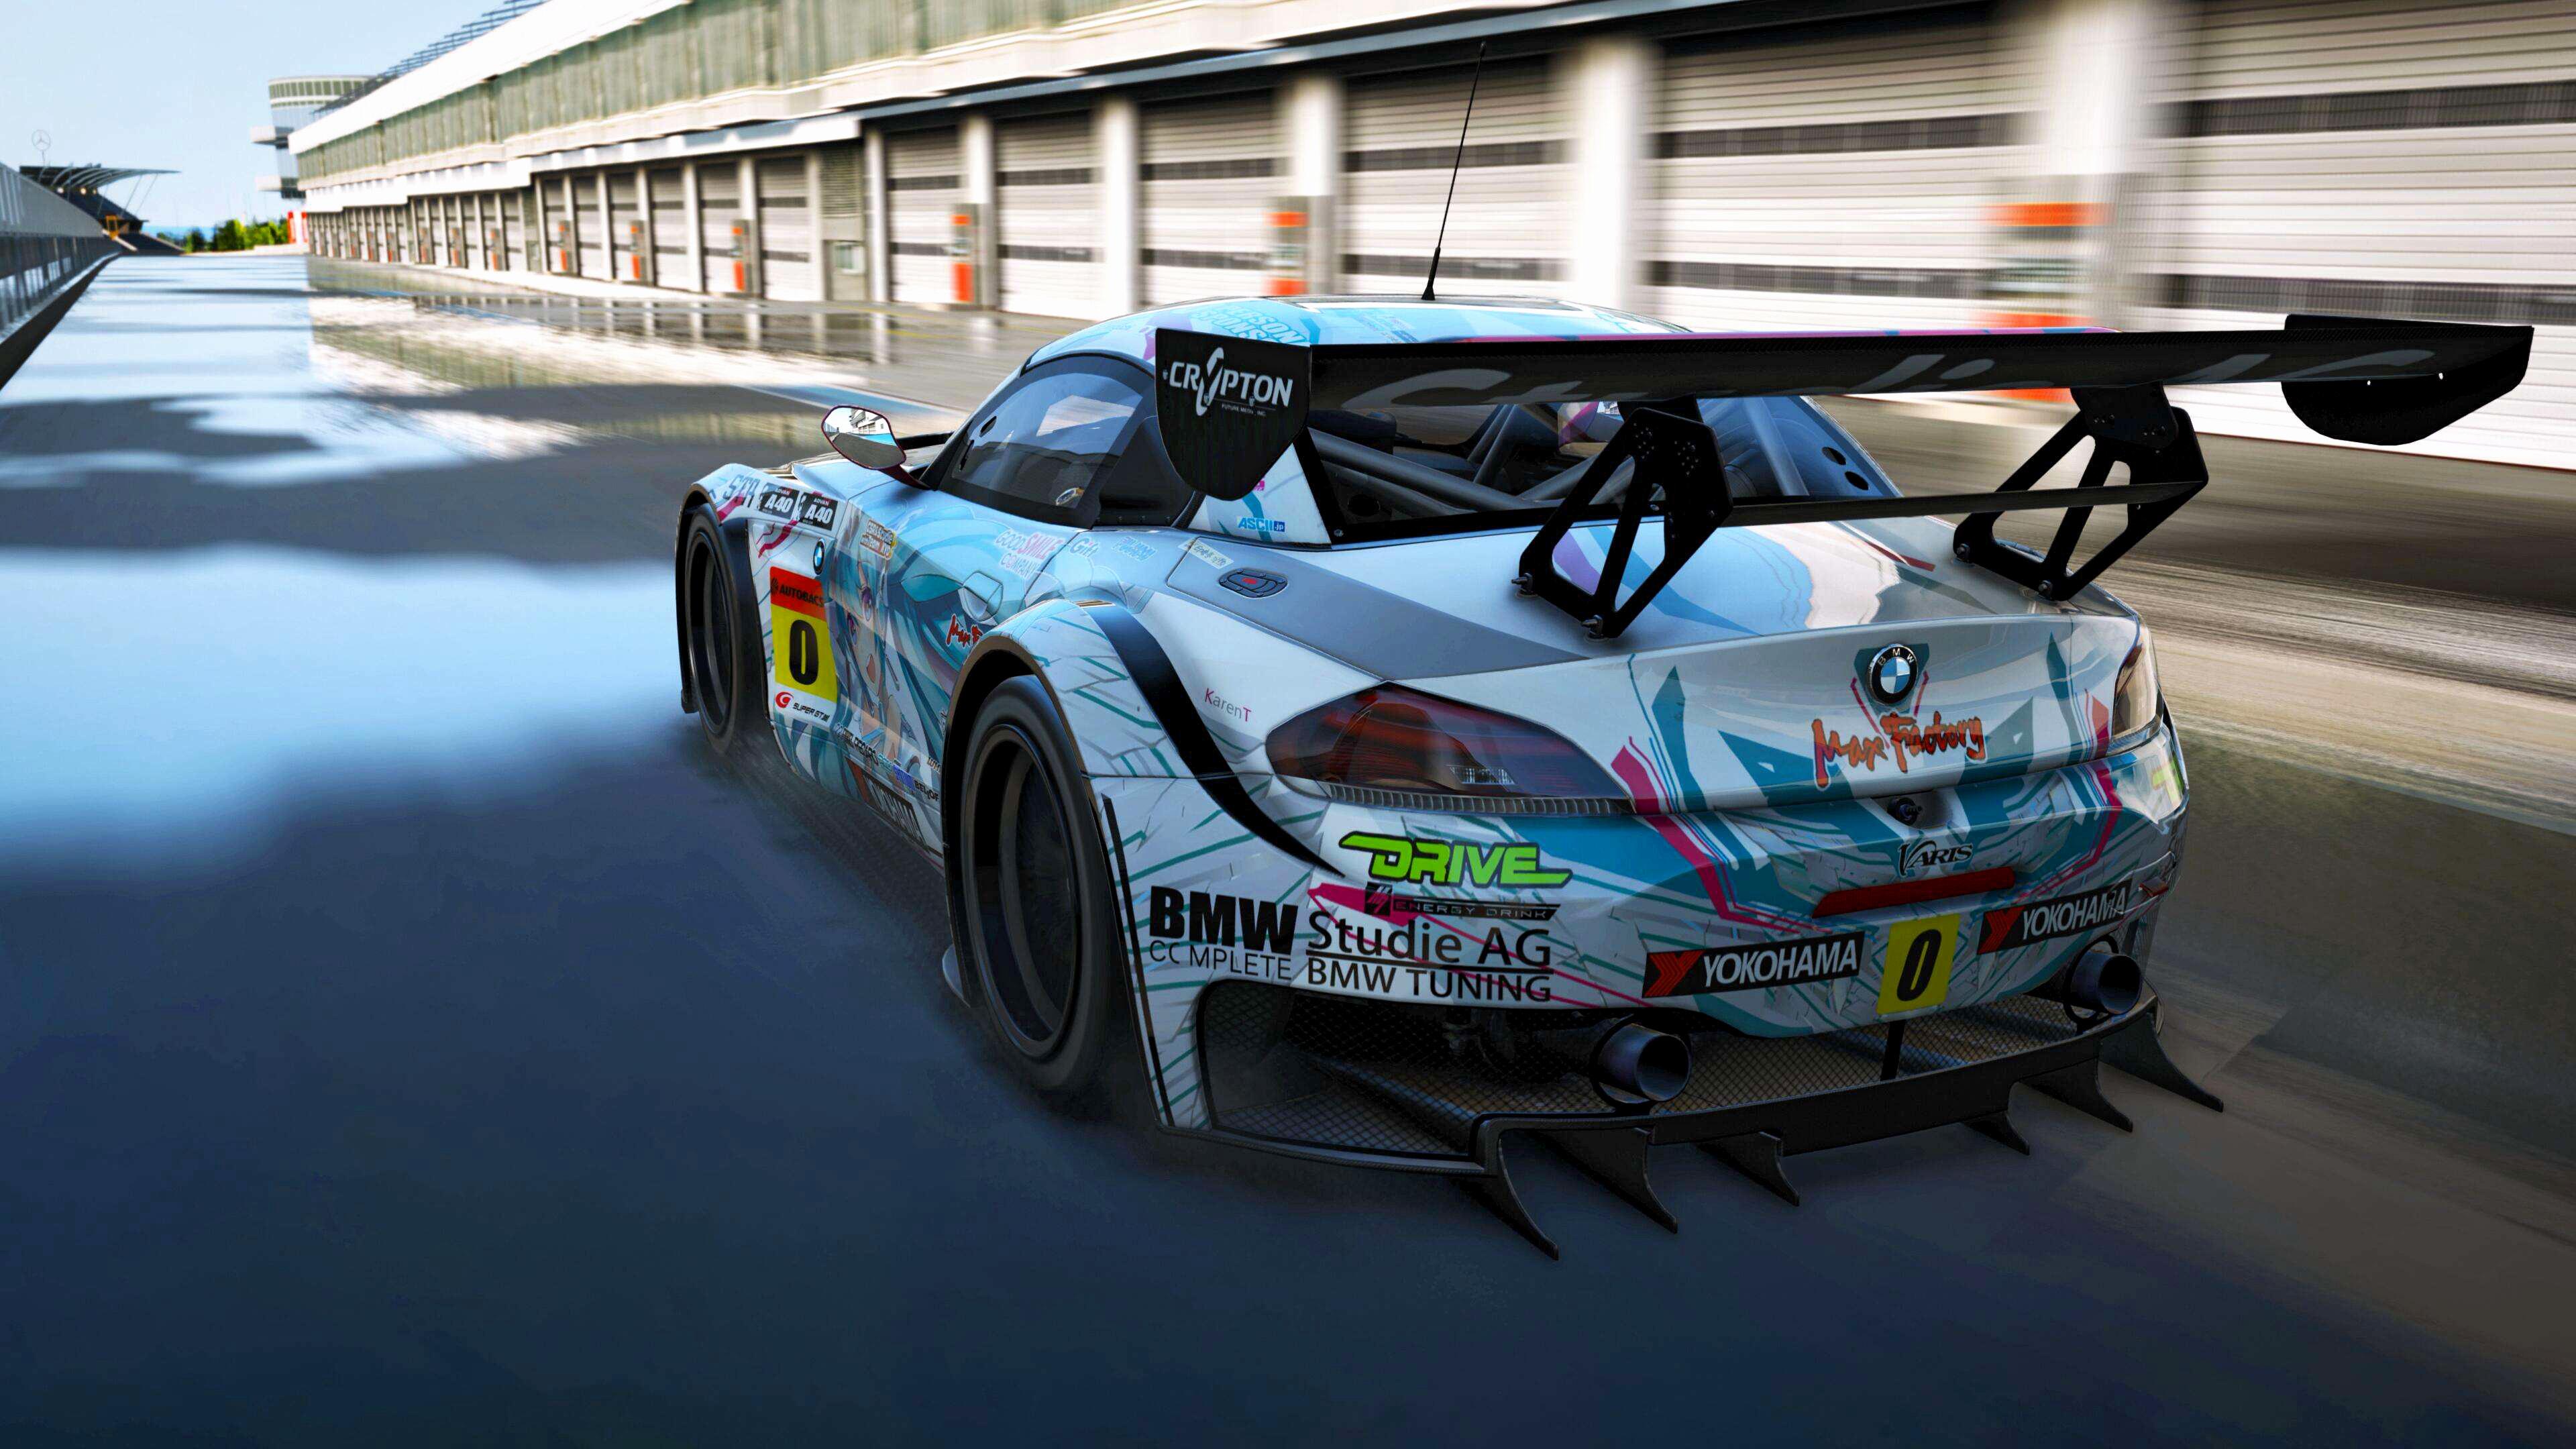 Super Gt 2012 Goodsmile Racing Miku Gta5 Mods Com